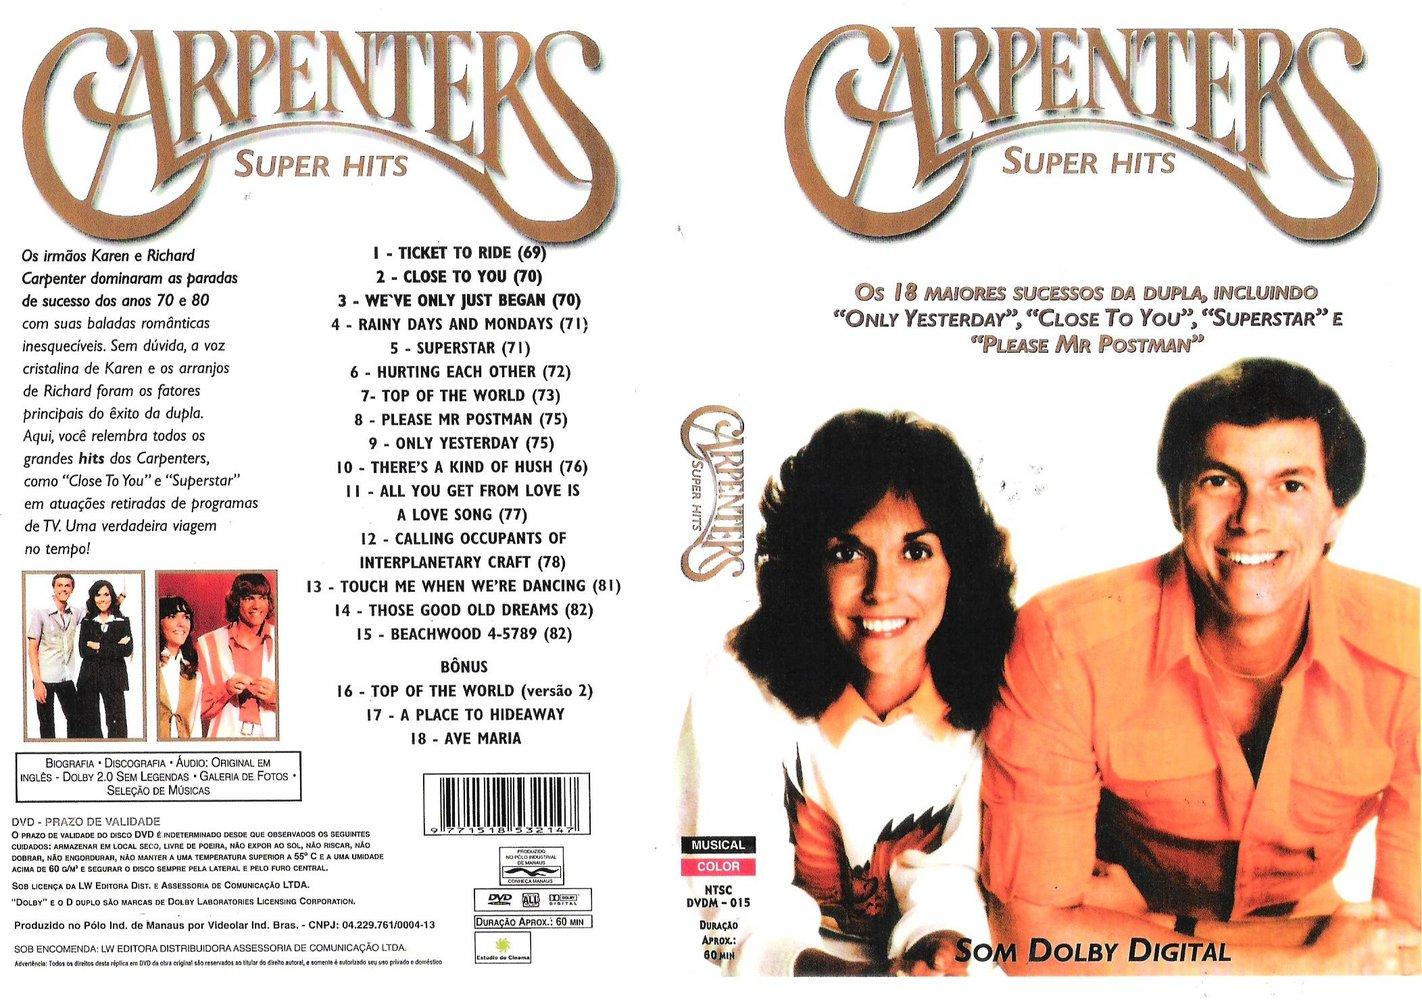 http://3.bp.blogspot.com/_Tid0N29aSdI/S7JBKkrIK-I/AAAAAAAAAFo/fEMH2UCbKPg/s1600/Carpenters_Super_Hits-%5Bcdcovers_cc%5D-front.jpg